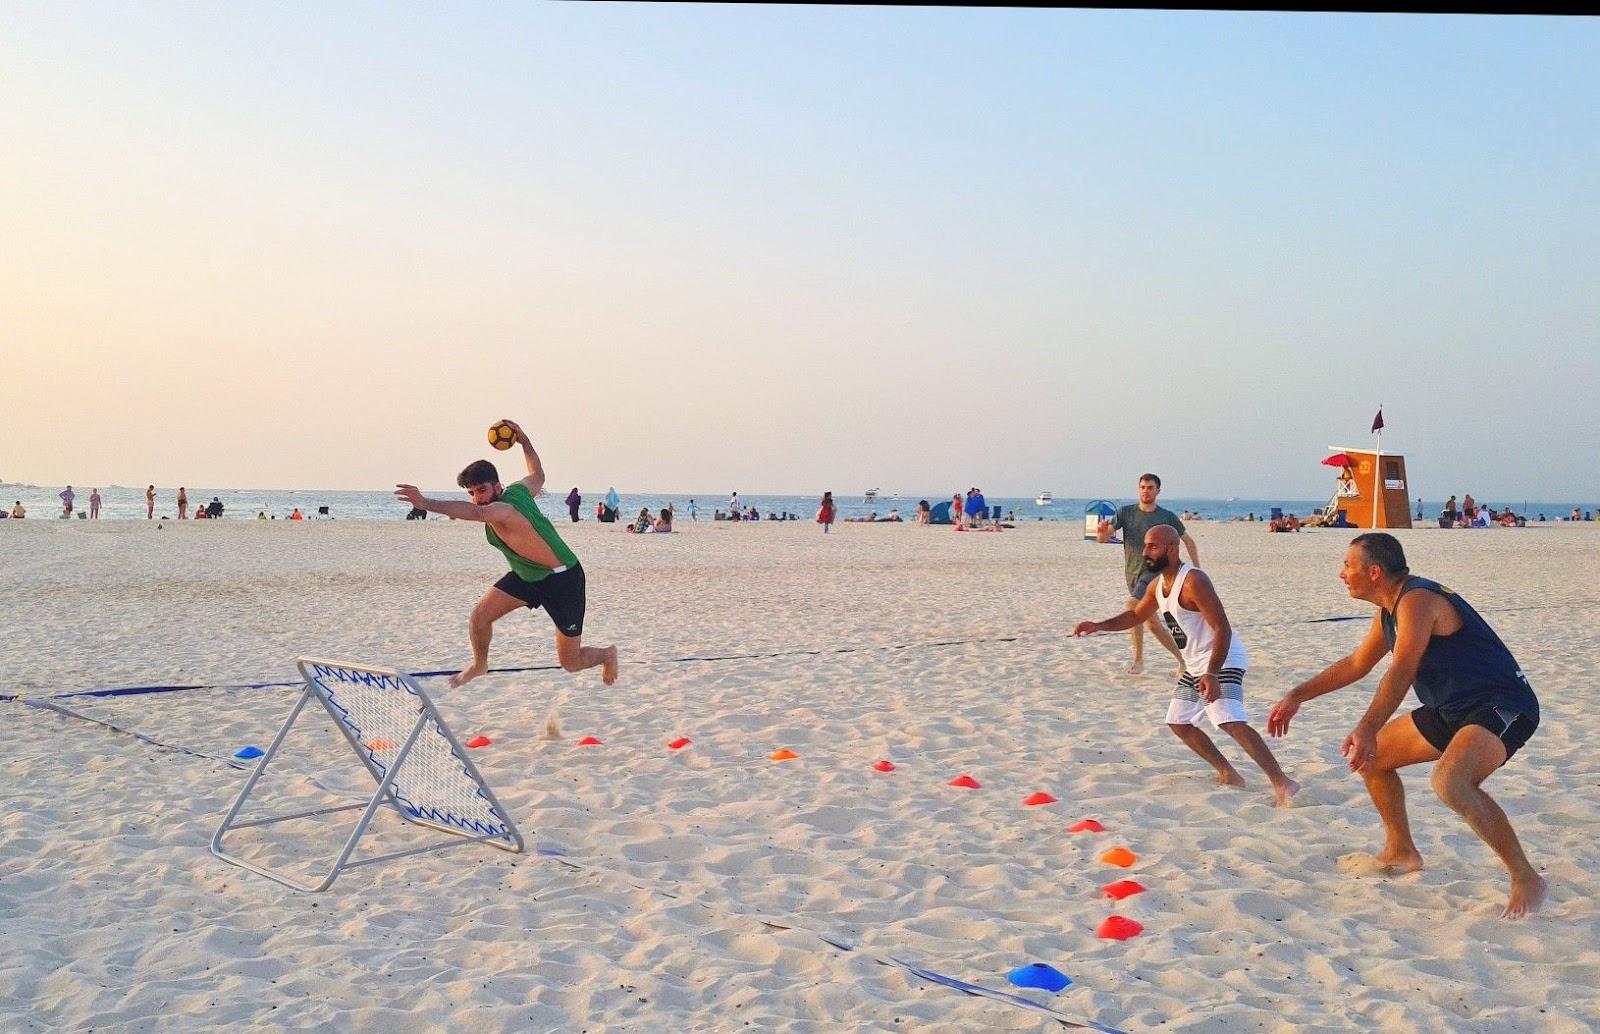 Qiaogu tương tự như bóng ném, nhưng luật chơi đơn giản hơn.